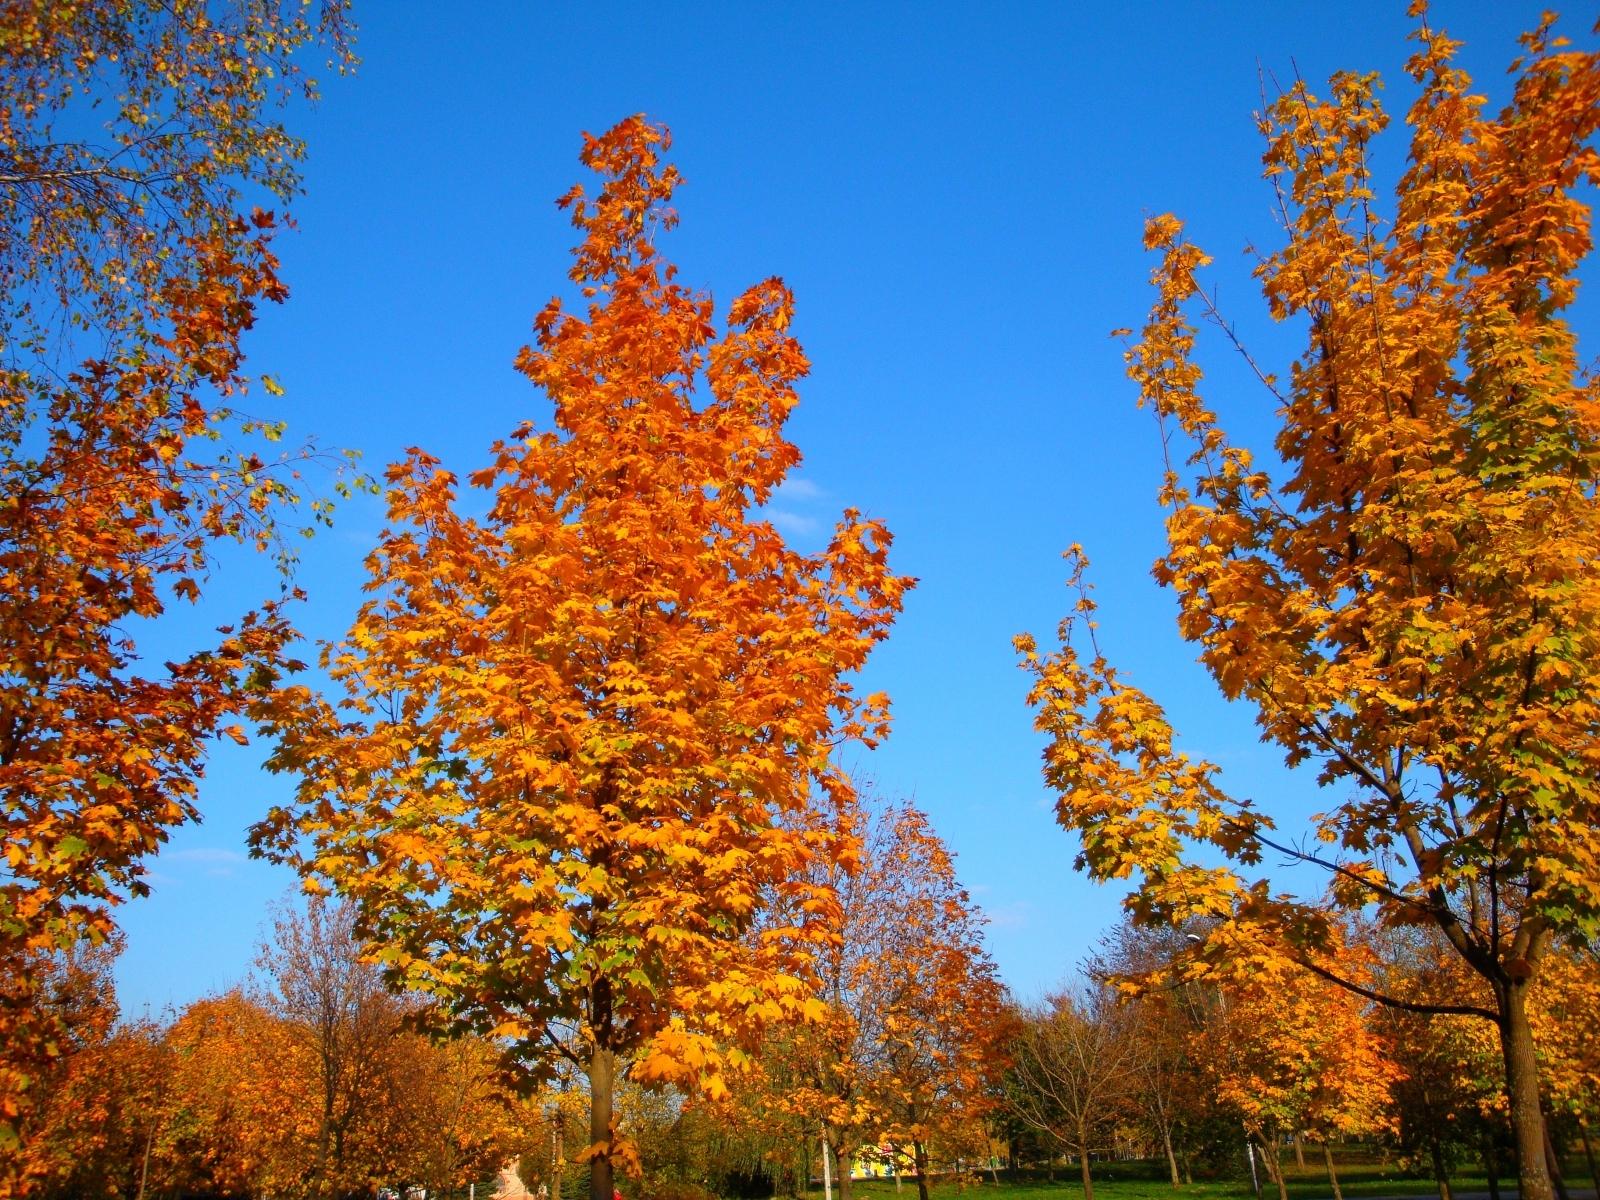 6839 скачать обои Пейзаж, Деревья, Осень - заставки и картинки бесплатно